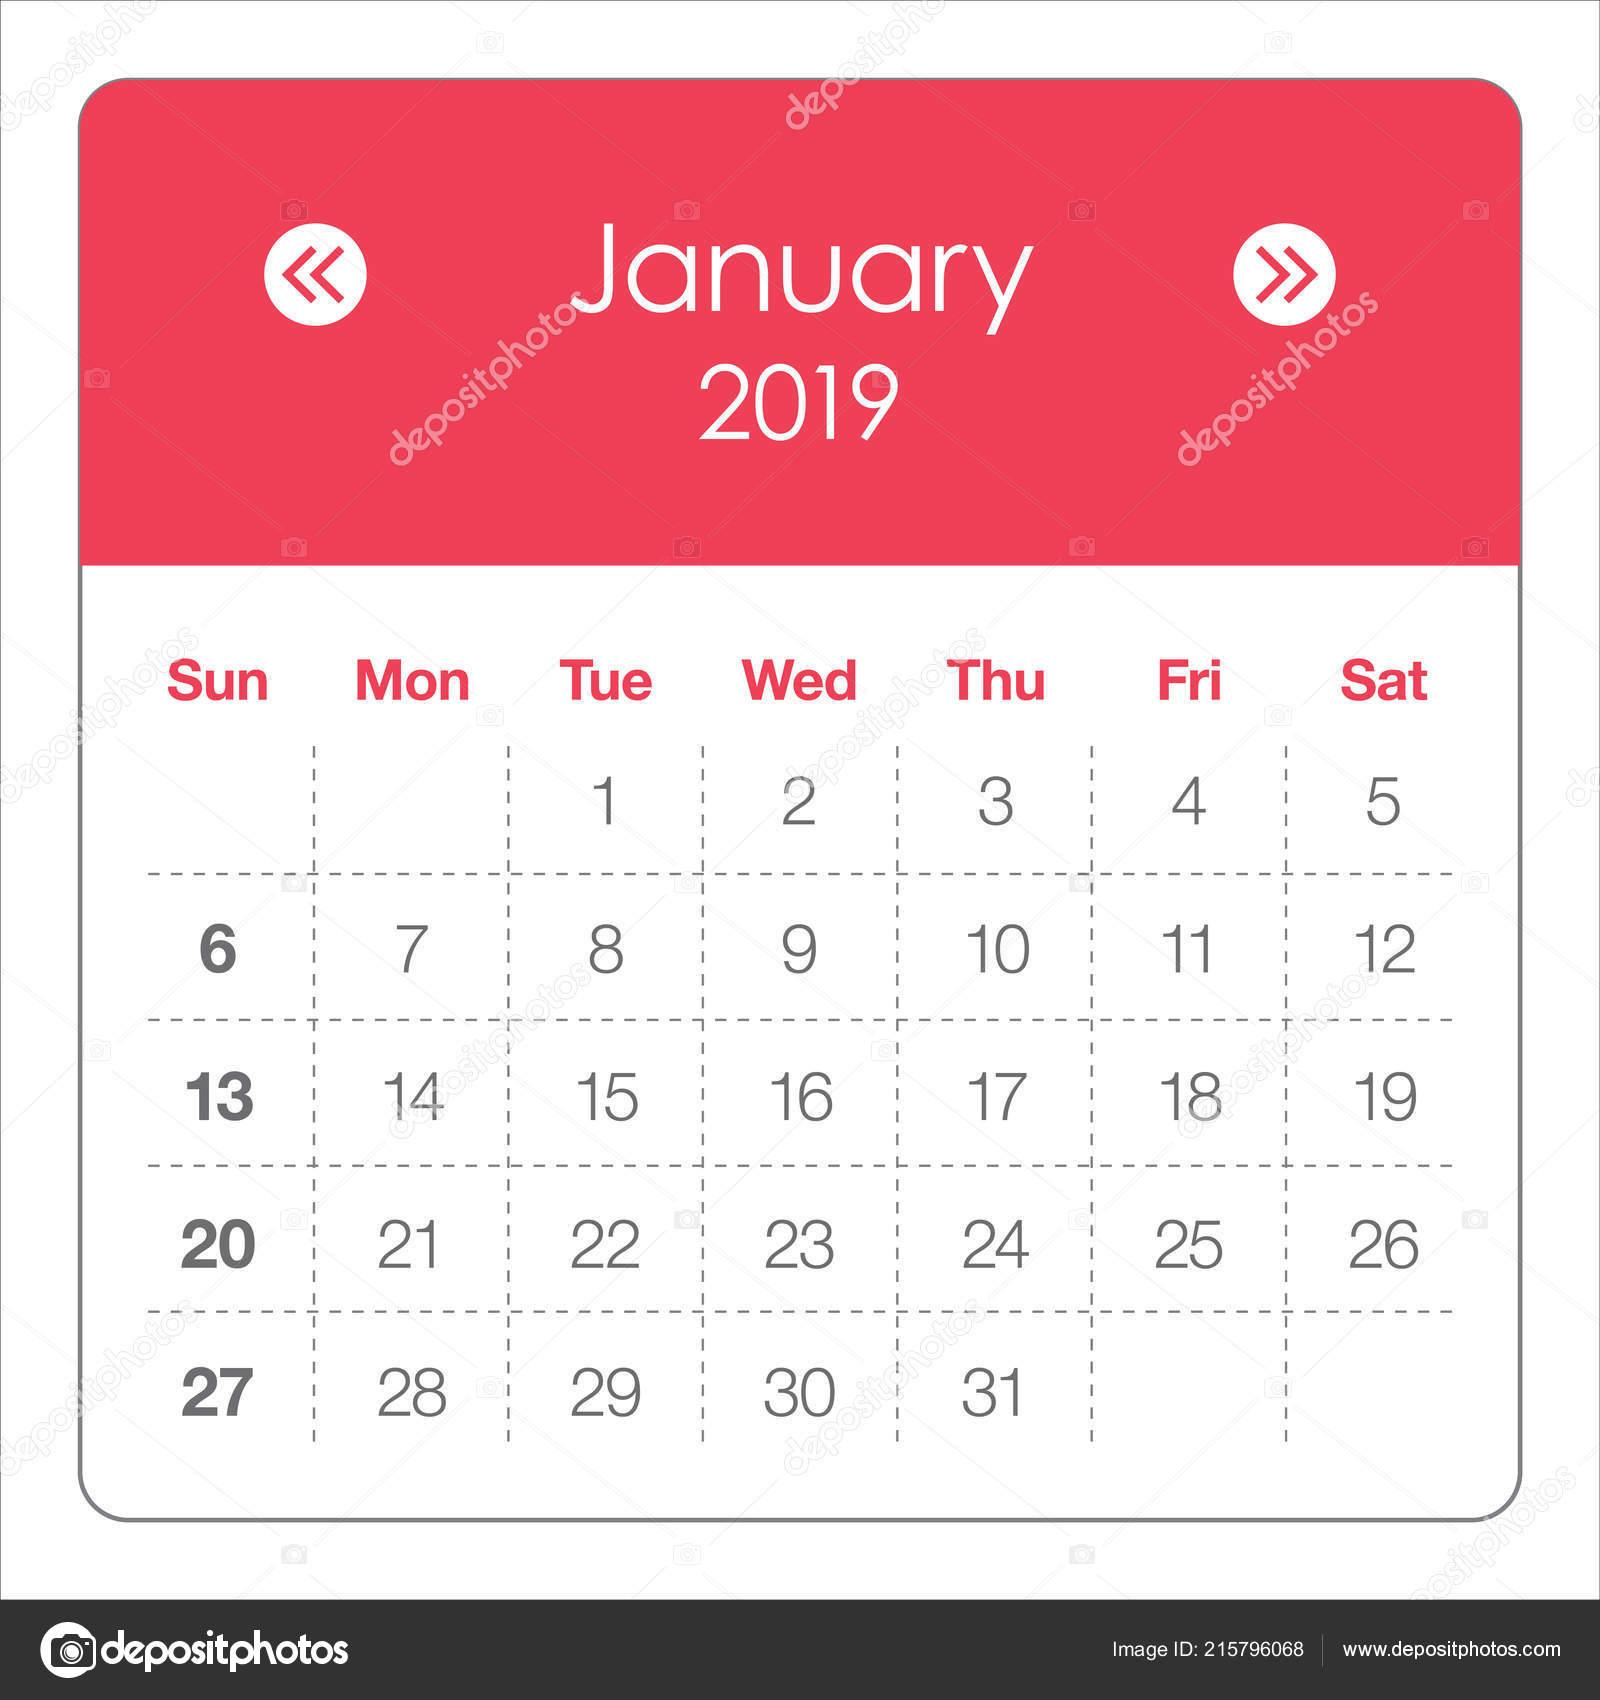 Anime 2019 Febrero: Ilustração Vetor Janeiro 2019 Mensal Calendário Projeto